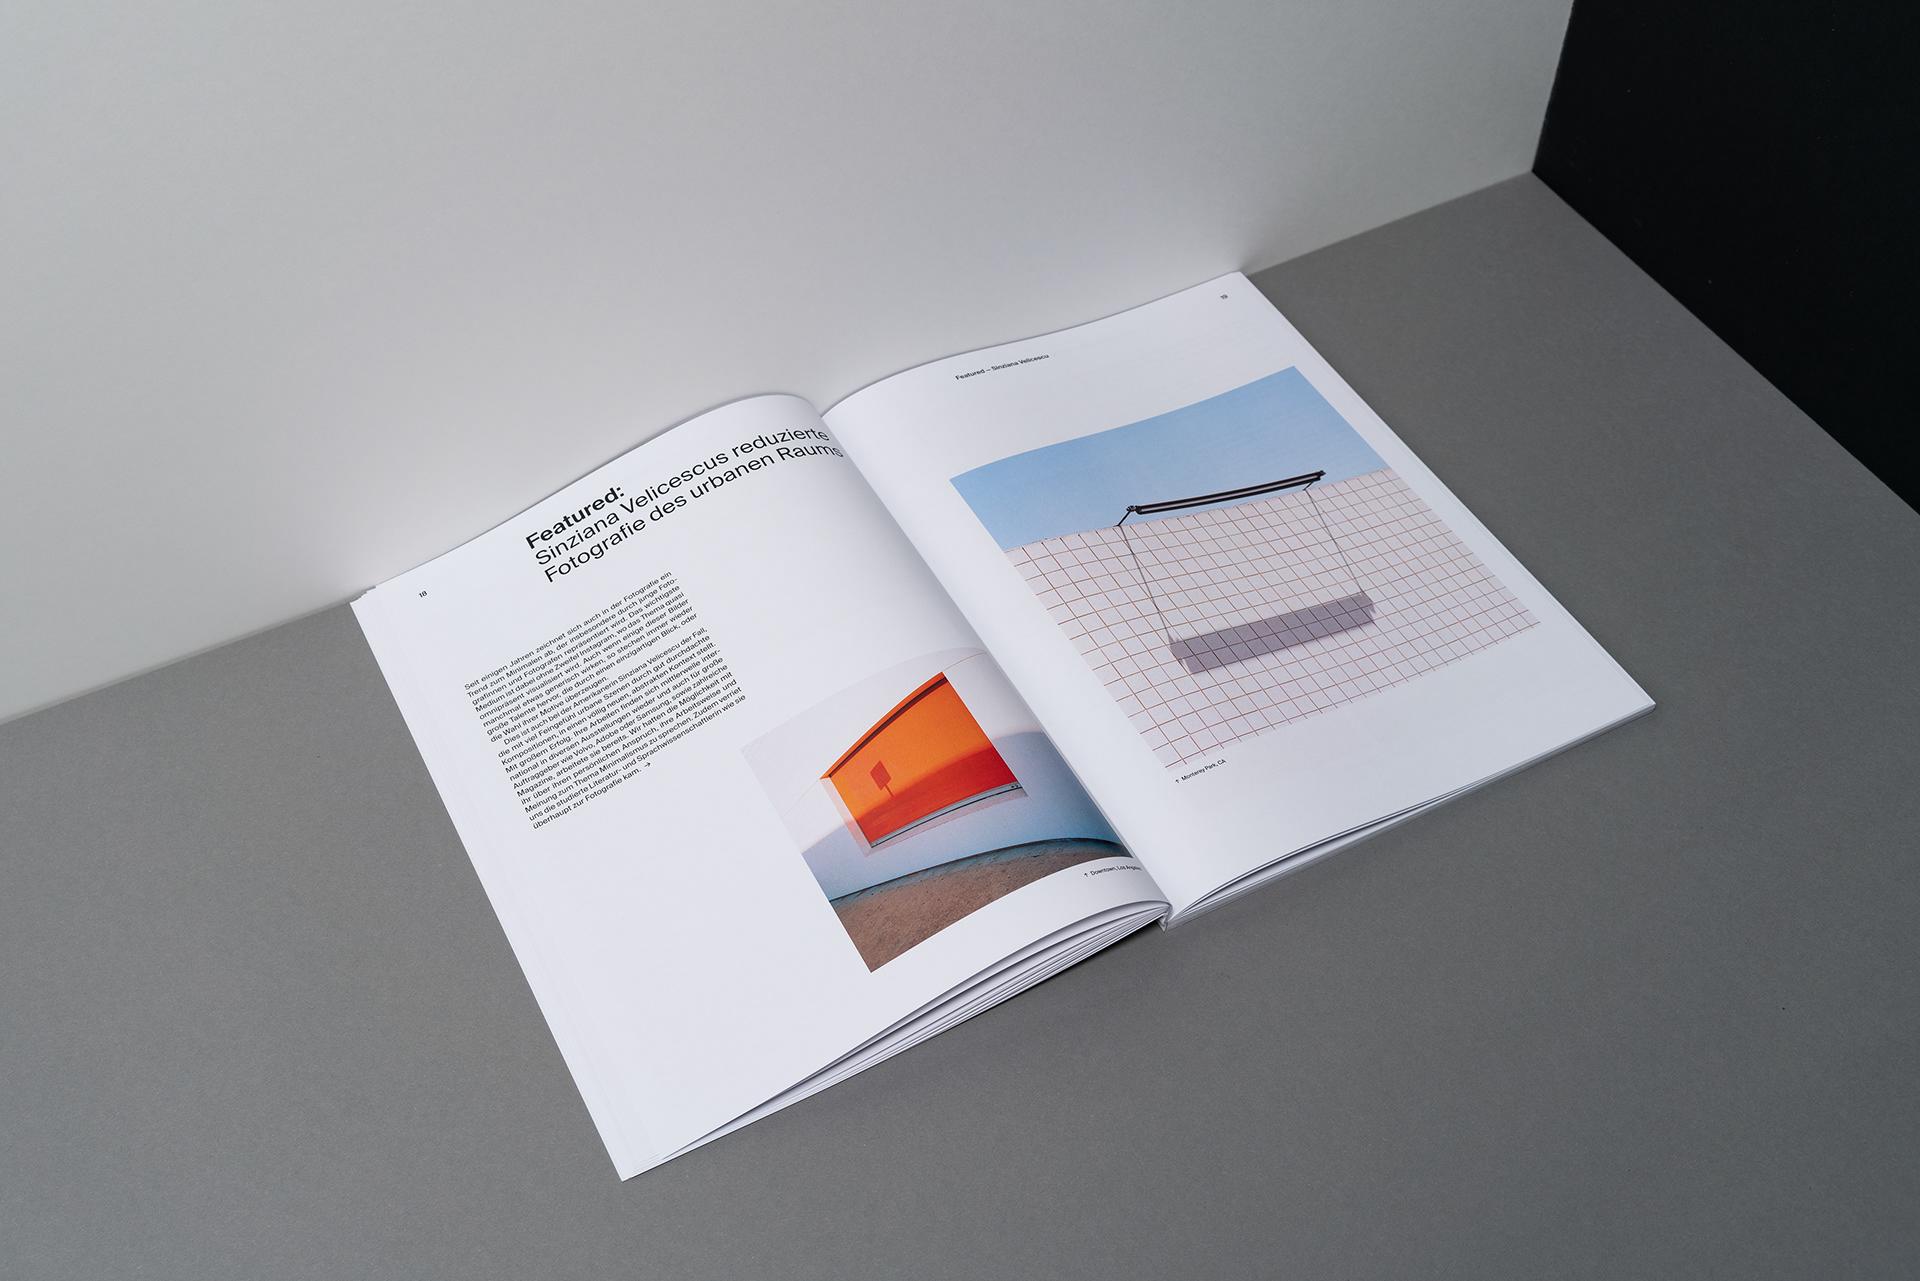 Subtiles_Design_Repros_Web_9